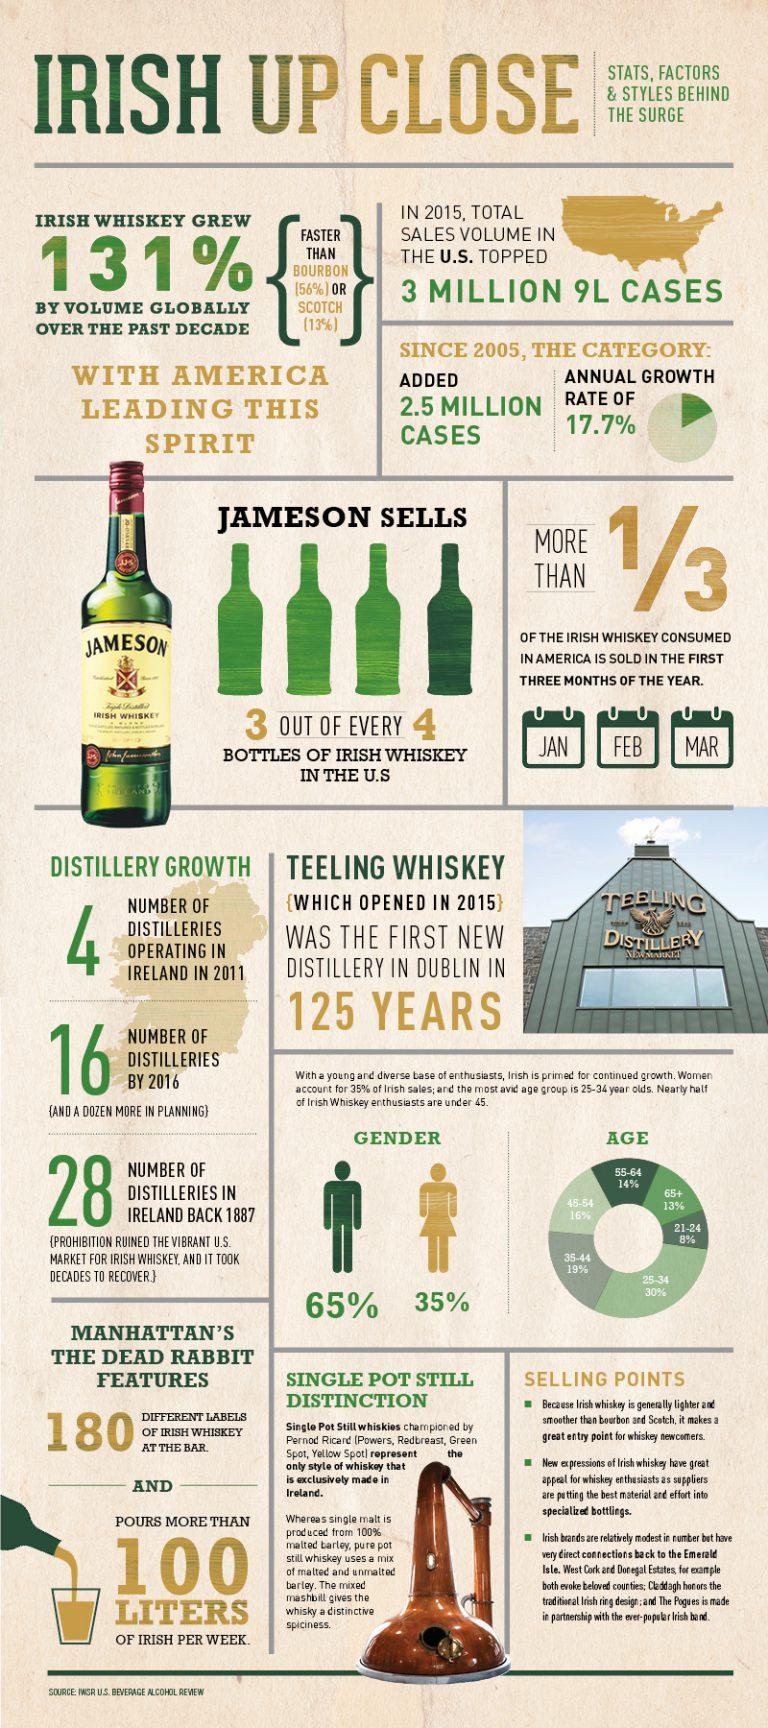 Irish Up Close: Whiskey Market Keeps Flexing